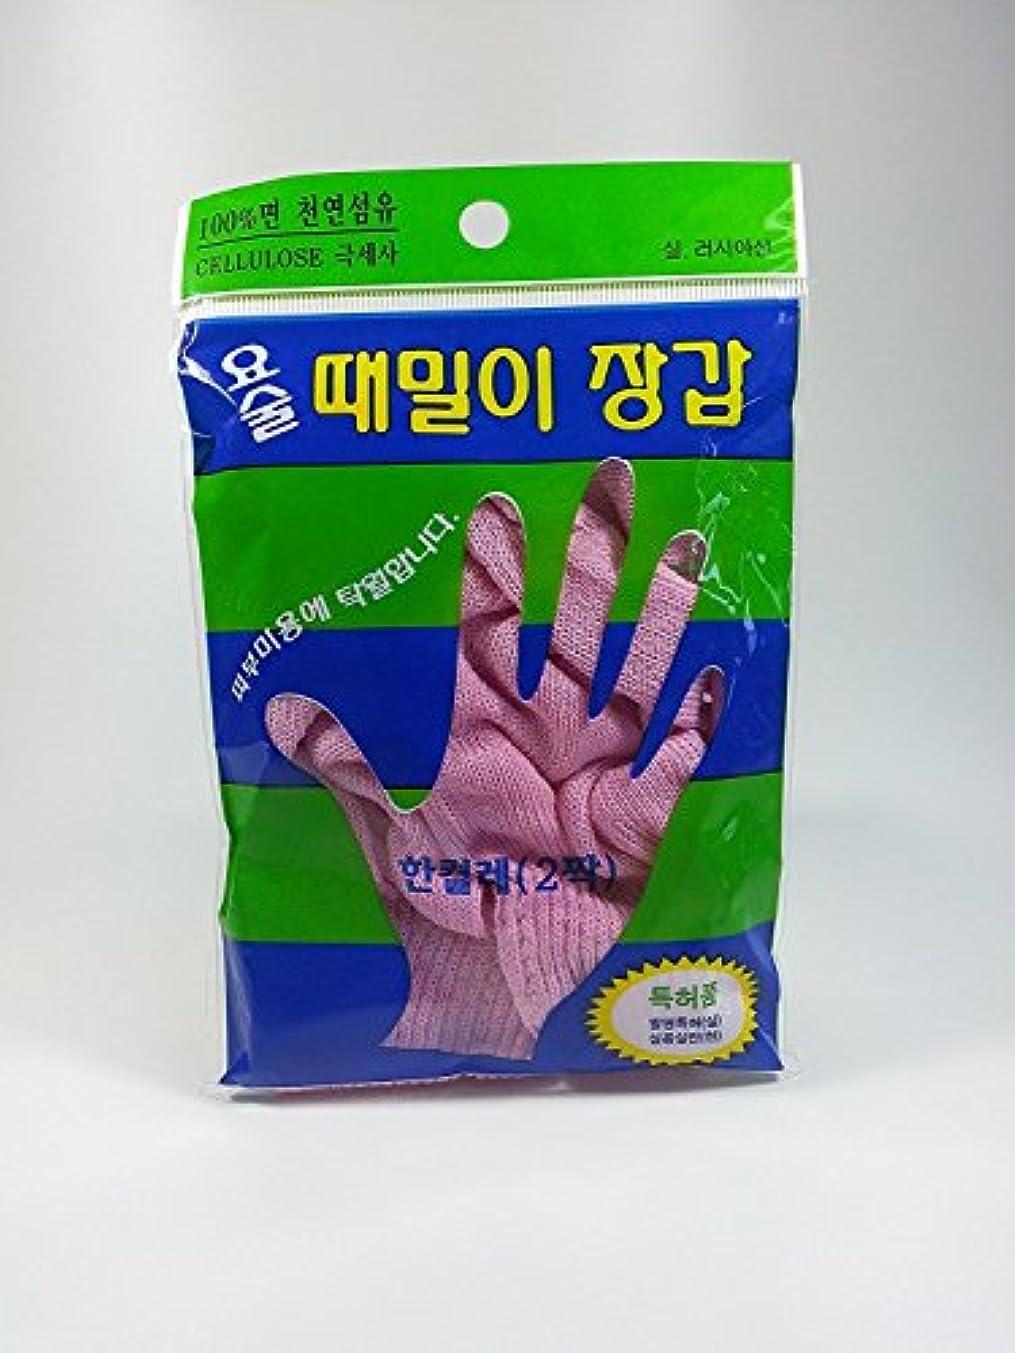 しわリーダーシップ特殊ジョンジュン産業 韓国式 垢すり 手袋 バスグローブ 5本指 ボディスクラブ 100% 天然セルロース繊維製 ???? ??????? Magic Korean Body Back Scrub [並行輸入品]